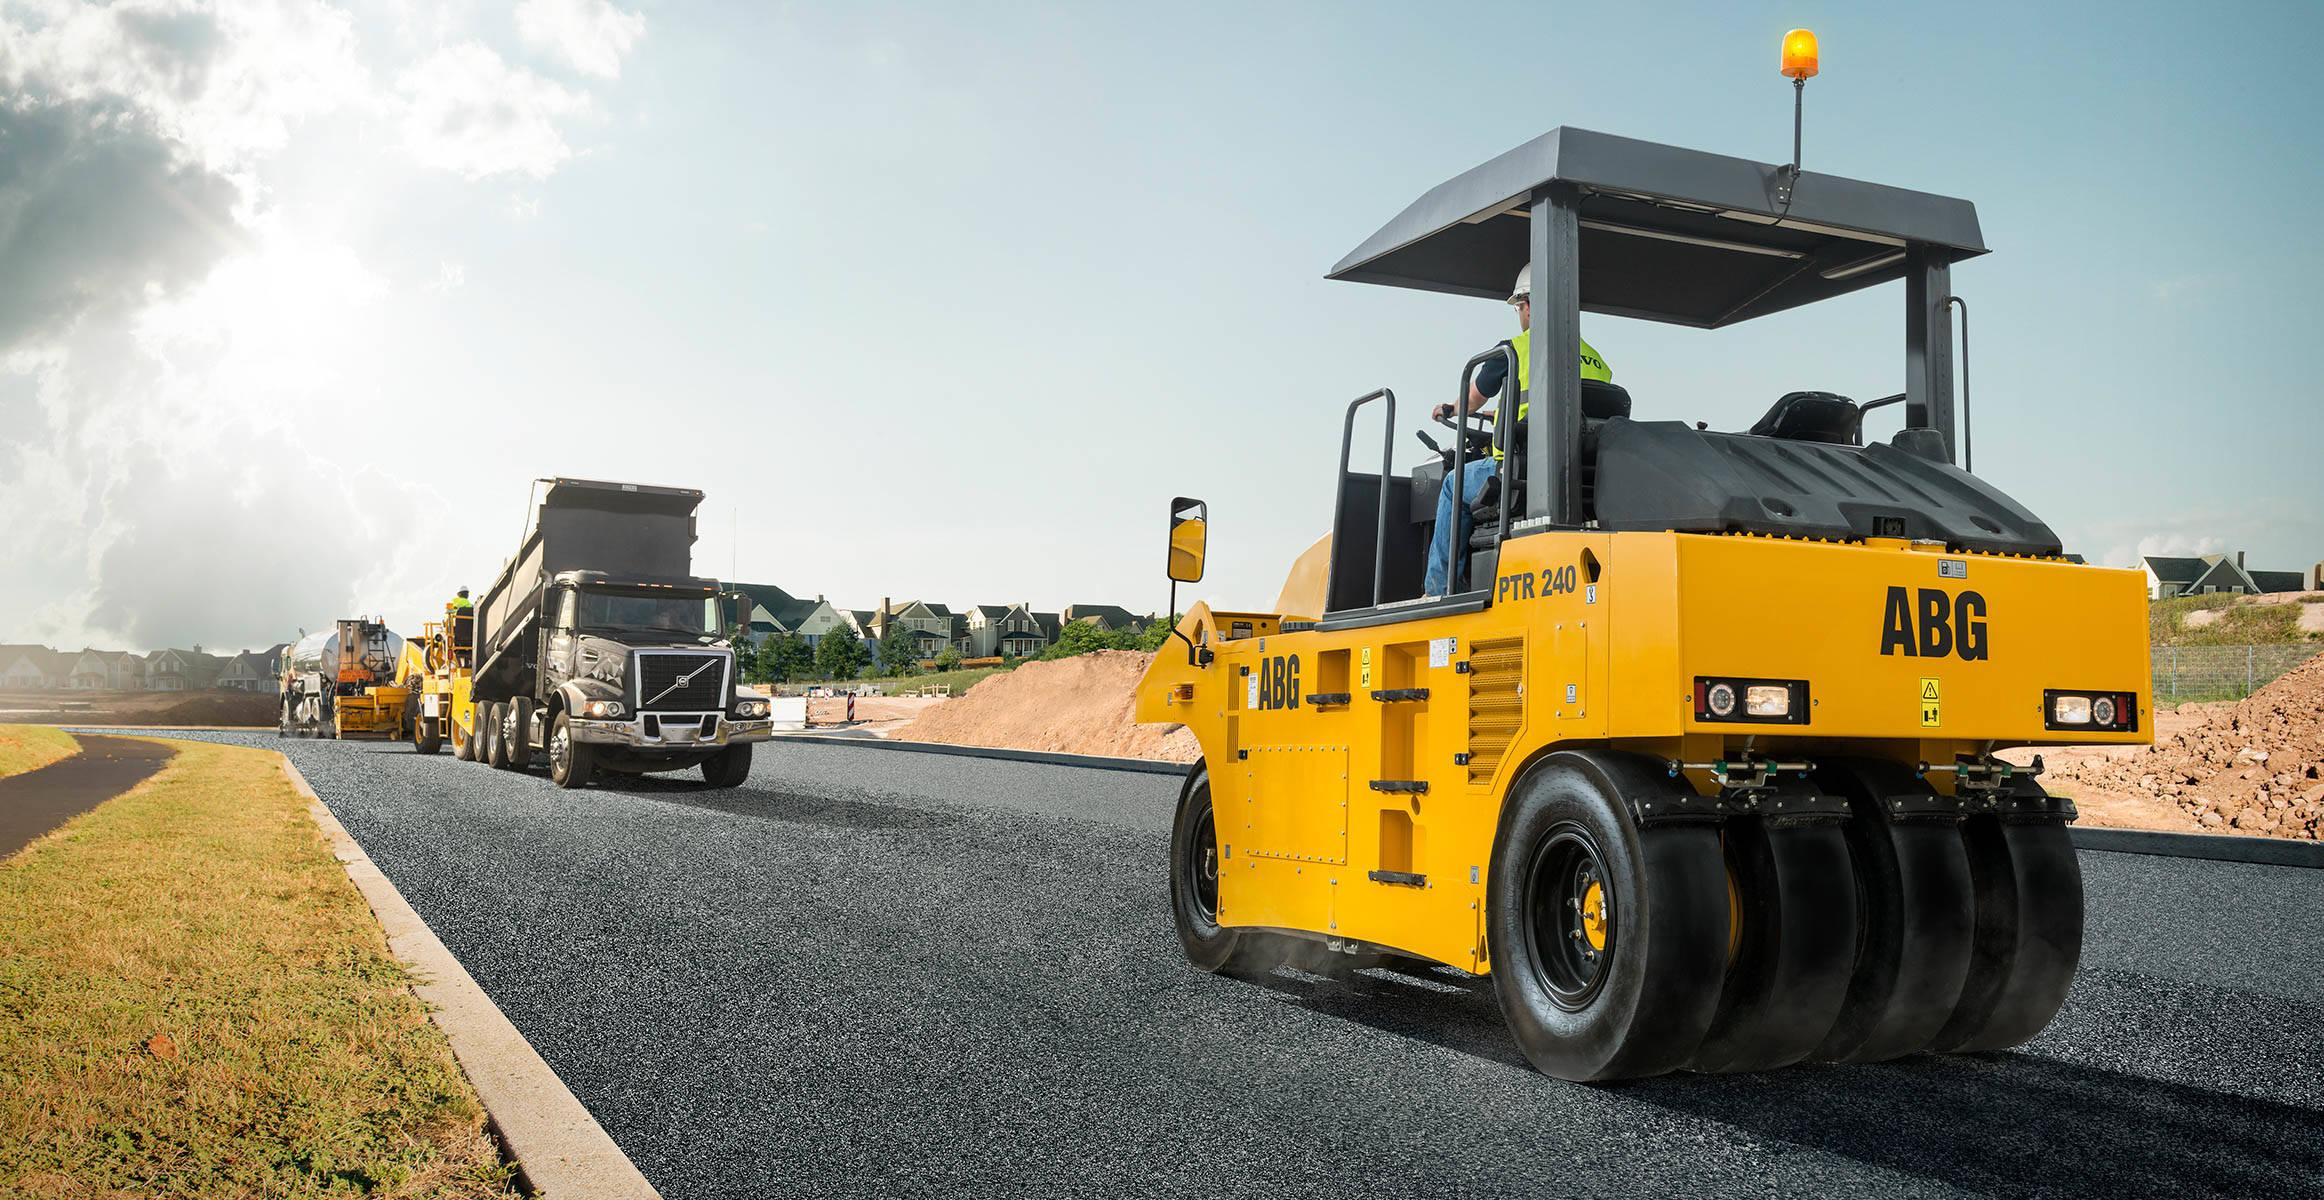 ABG PTR240 | Asphalt Compactors | Overview | Volvo Construction Equipment